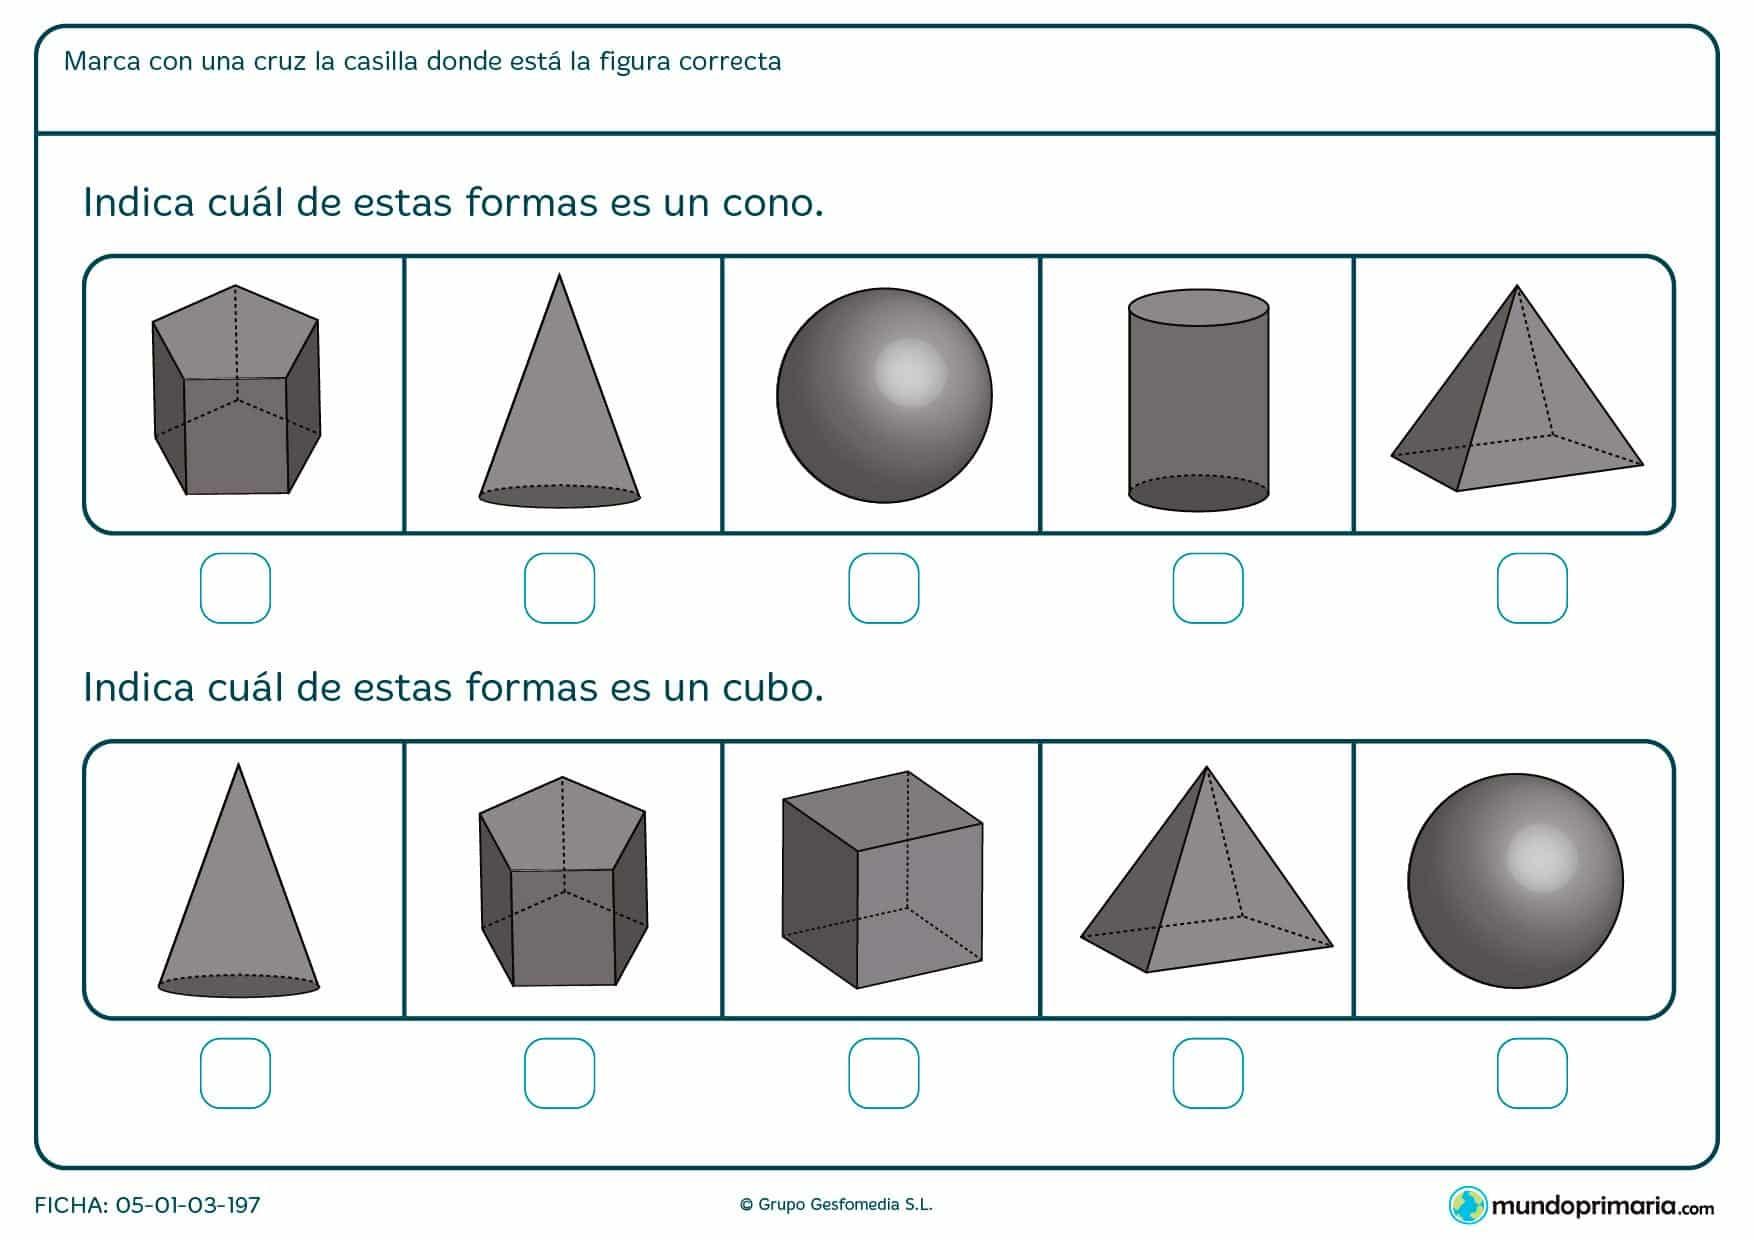 Marca las formas que son un cono y un cubo.